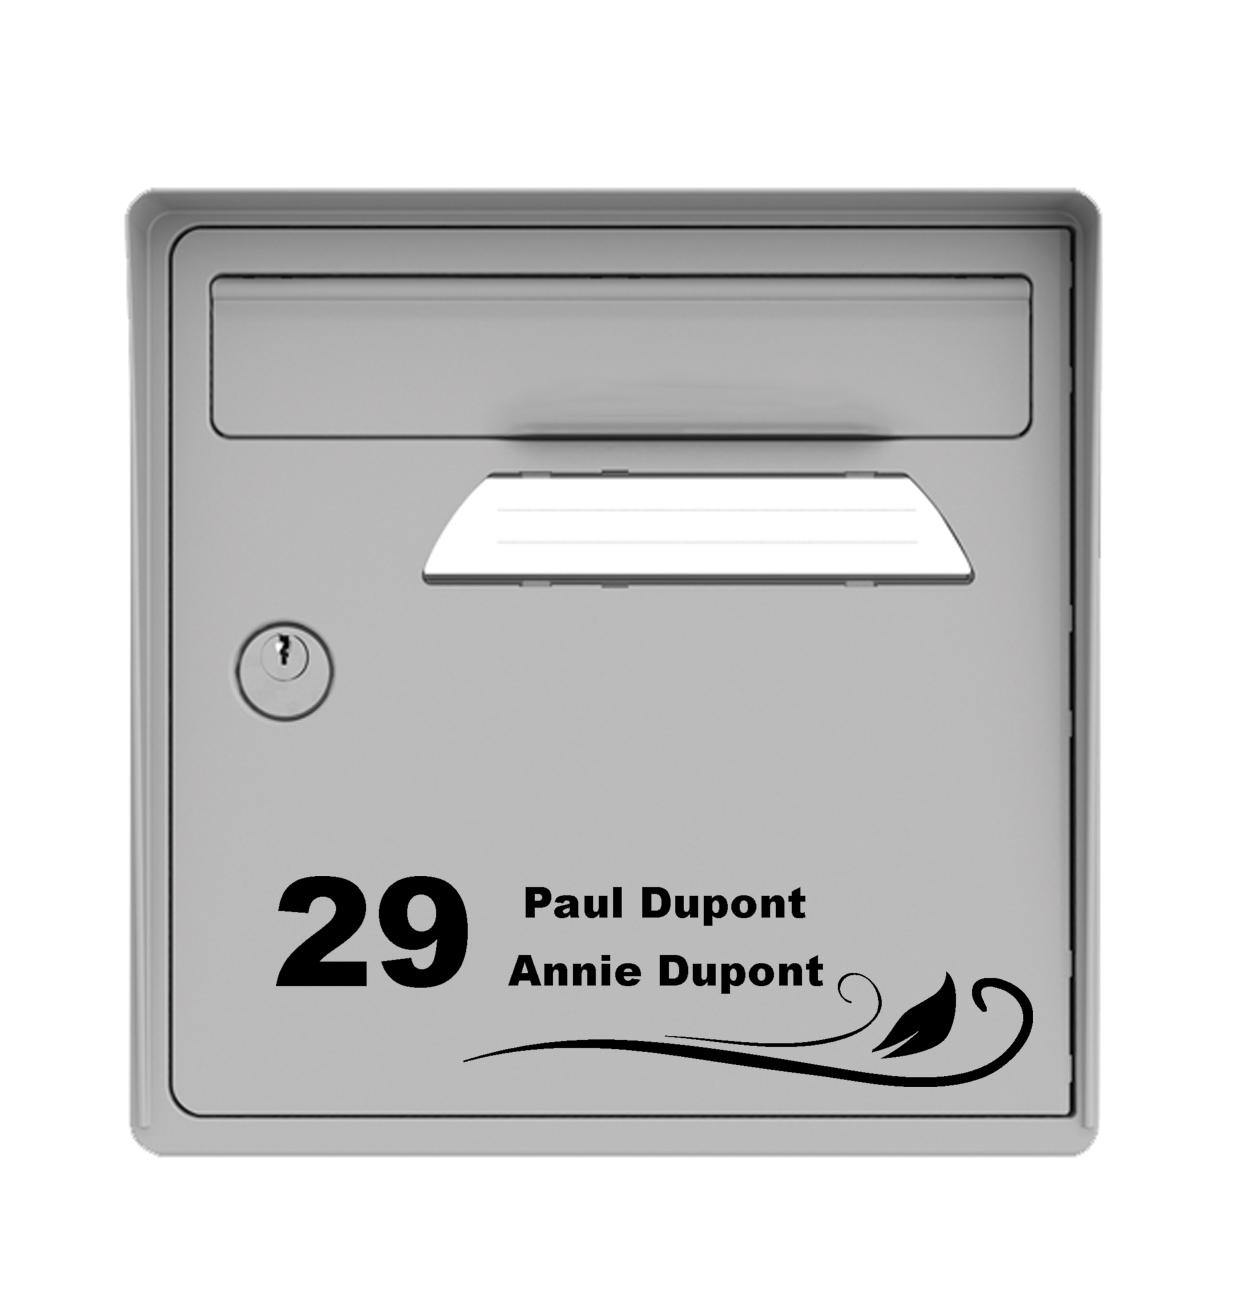 sticker de d coratif de boite aux lettres avec 2 noms pr noms ainsi que le num ro de rue. Black Bedroom Furniture Sets. Home Design Ideas